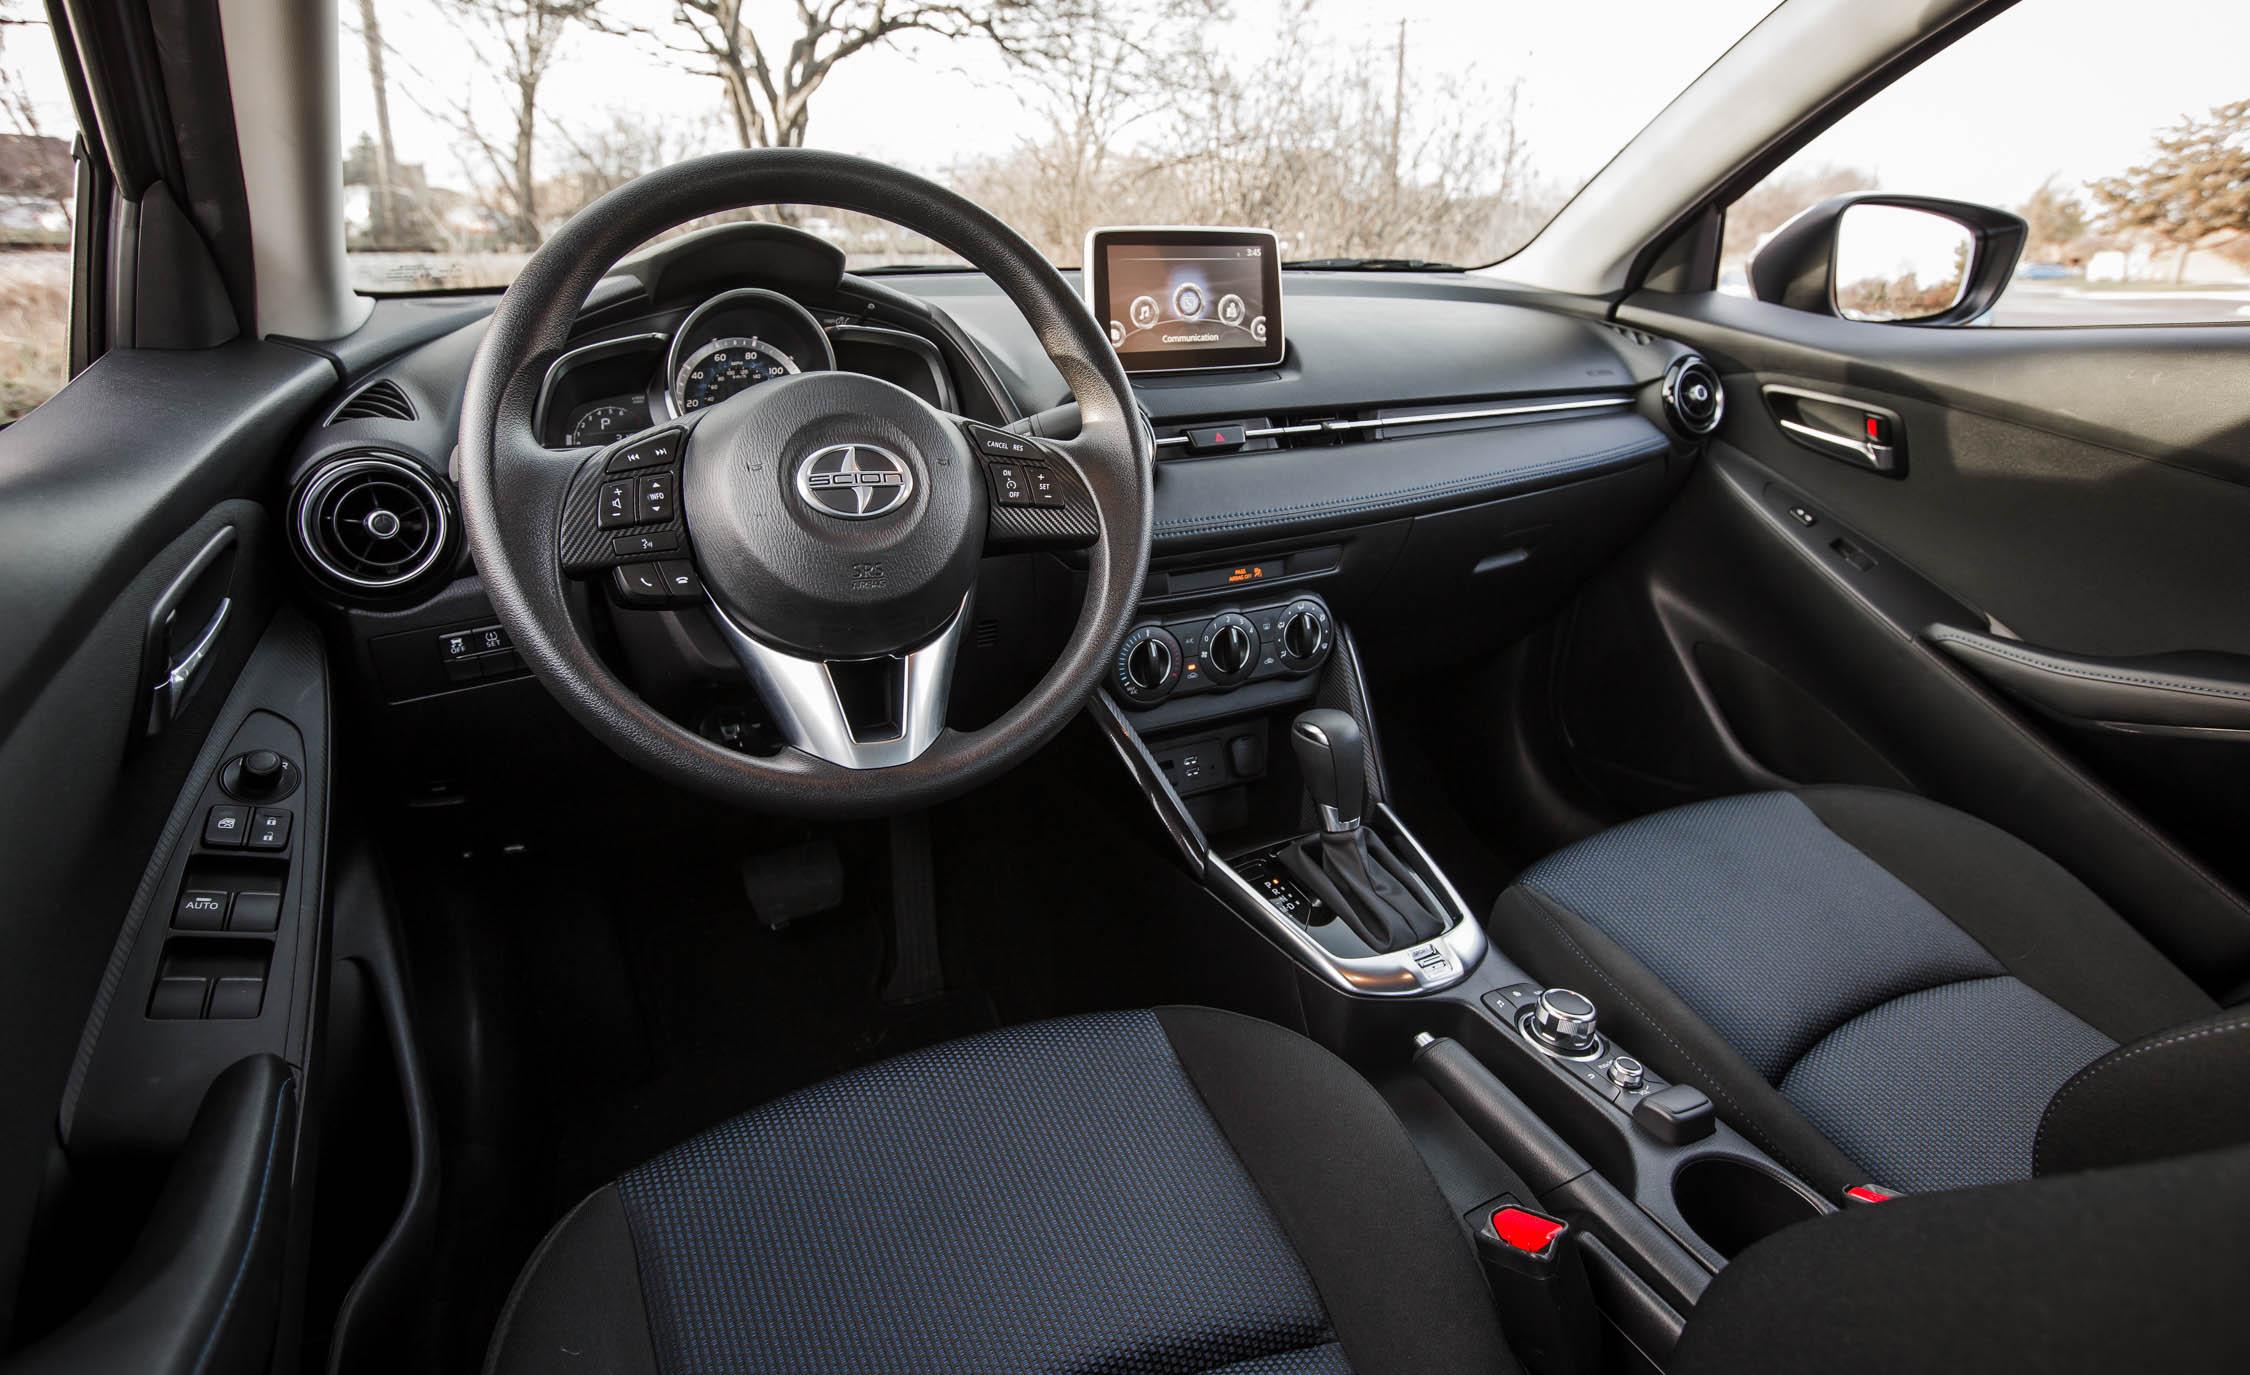 2016 Scion iA Interior Cockpit